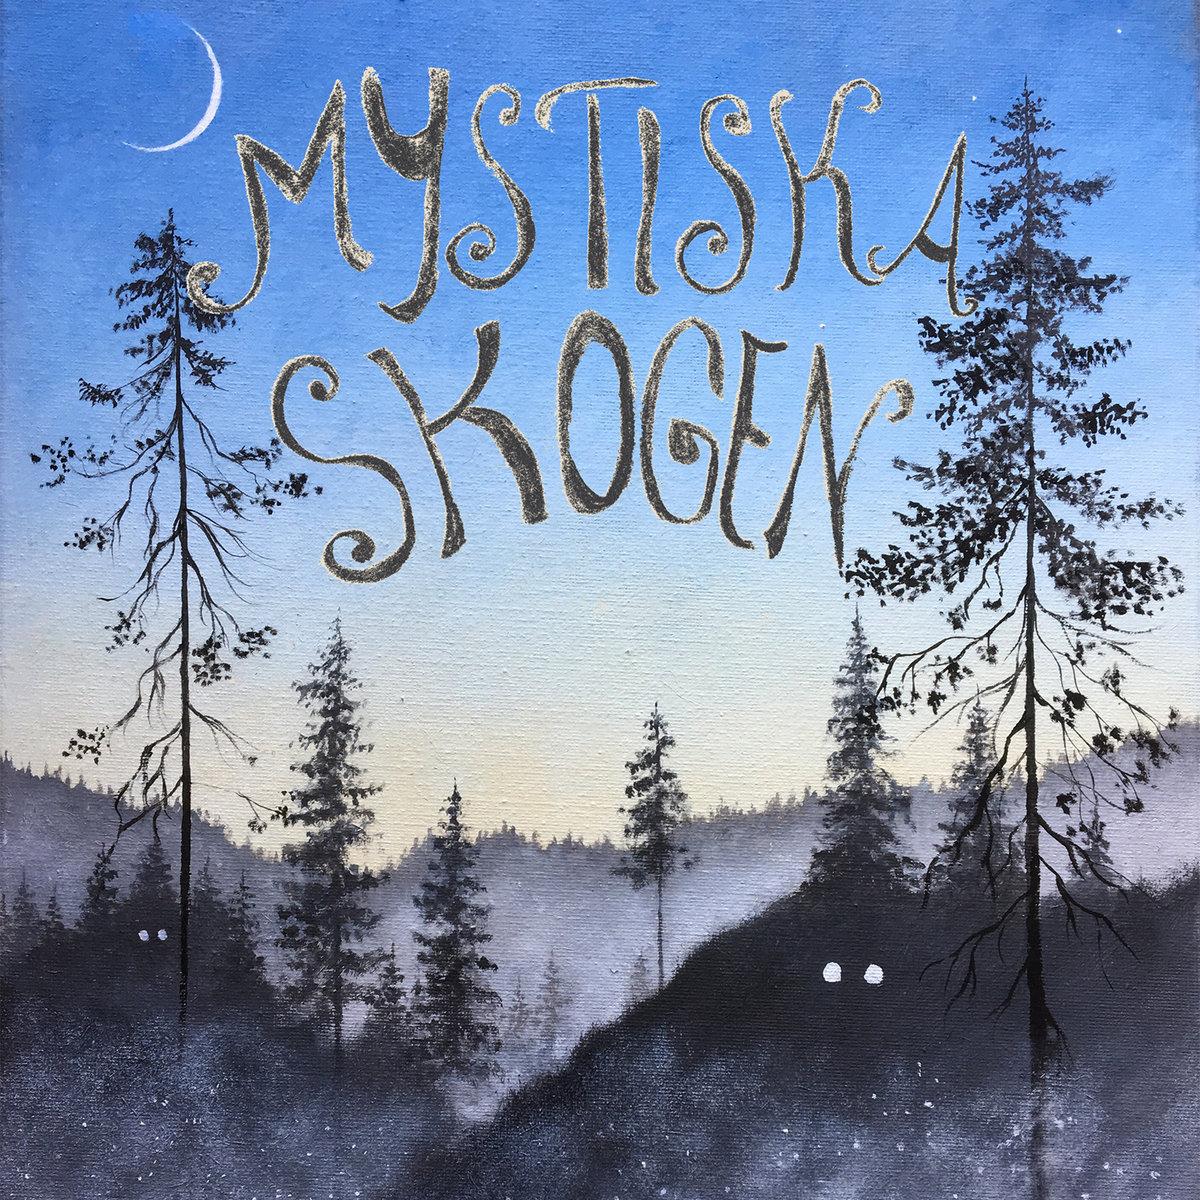 Mystiska Skogen